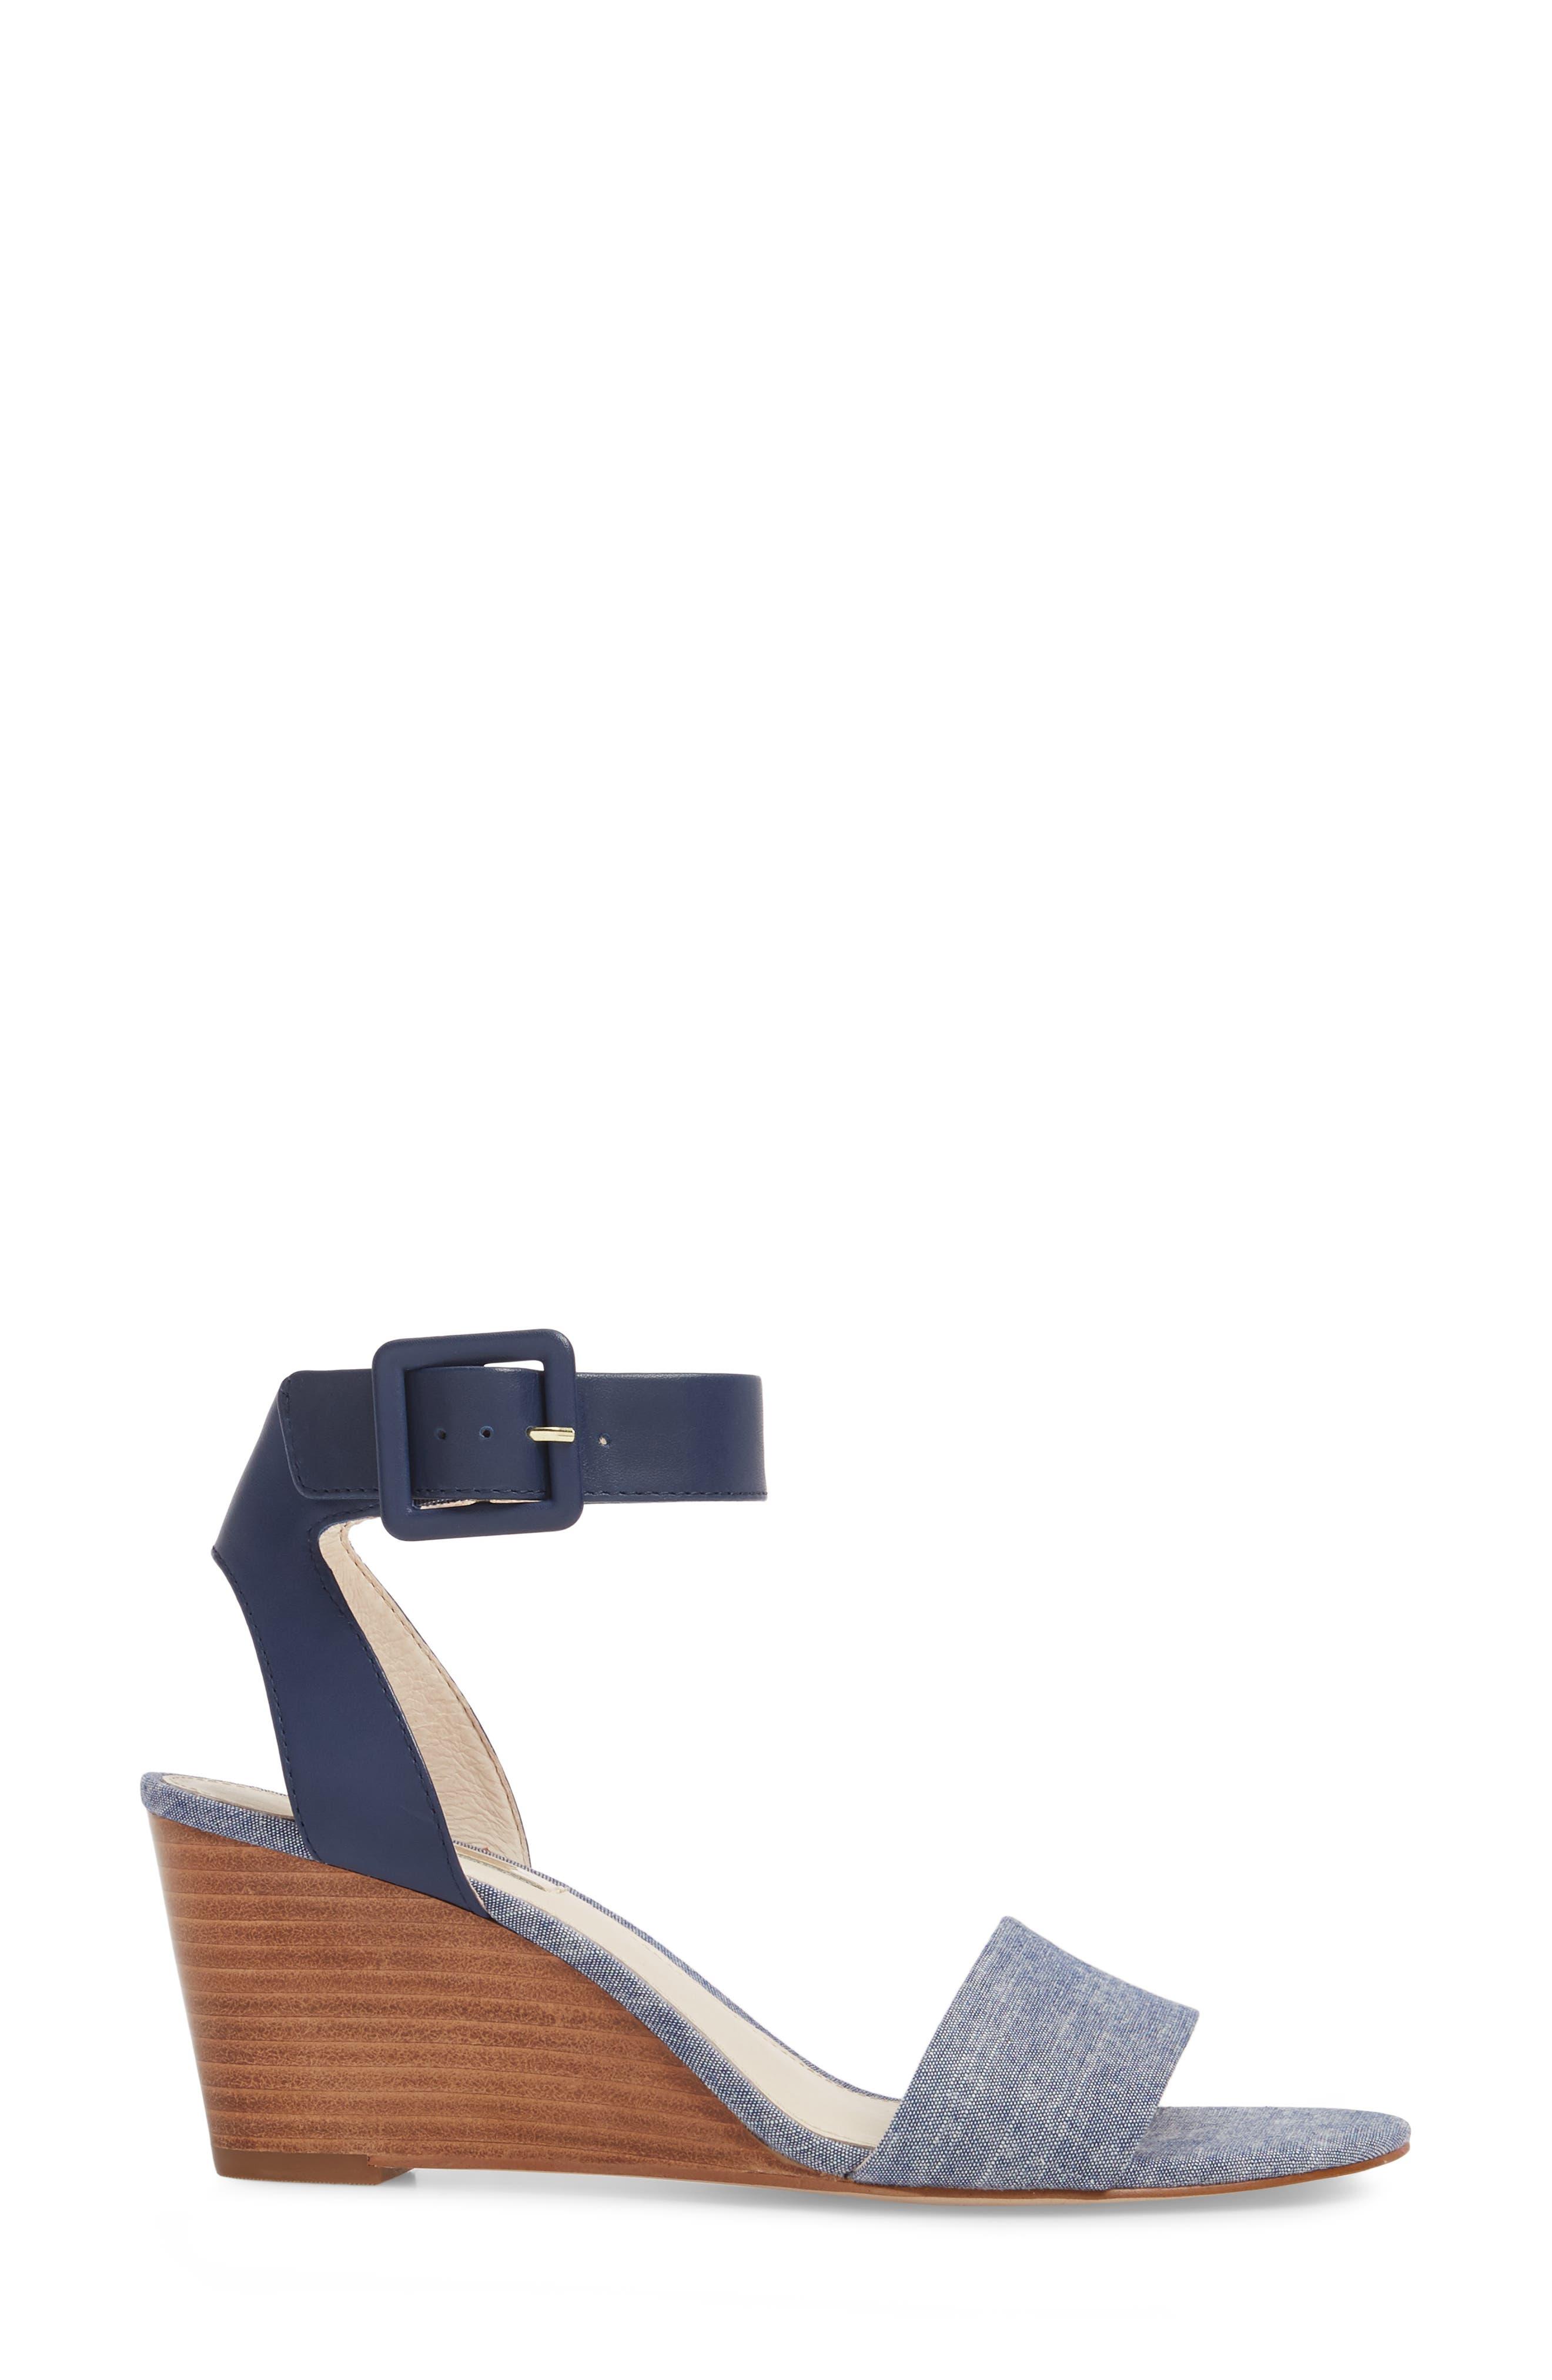 Punya Wedge Sandal,                             Alternate thumbnail 3, color,                             Denim Fabric